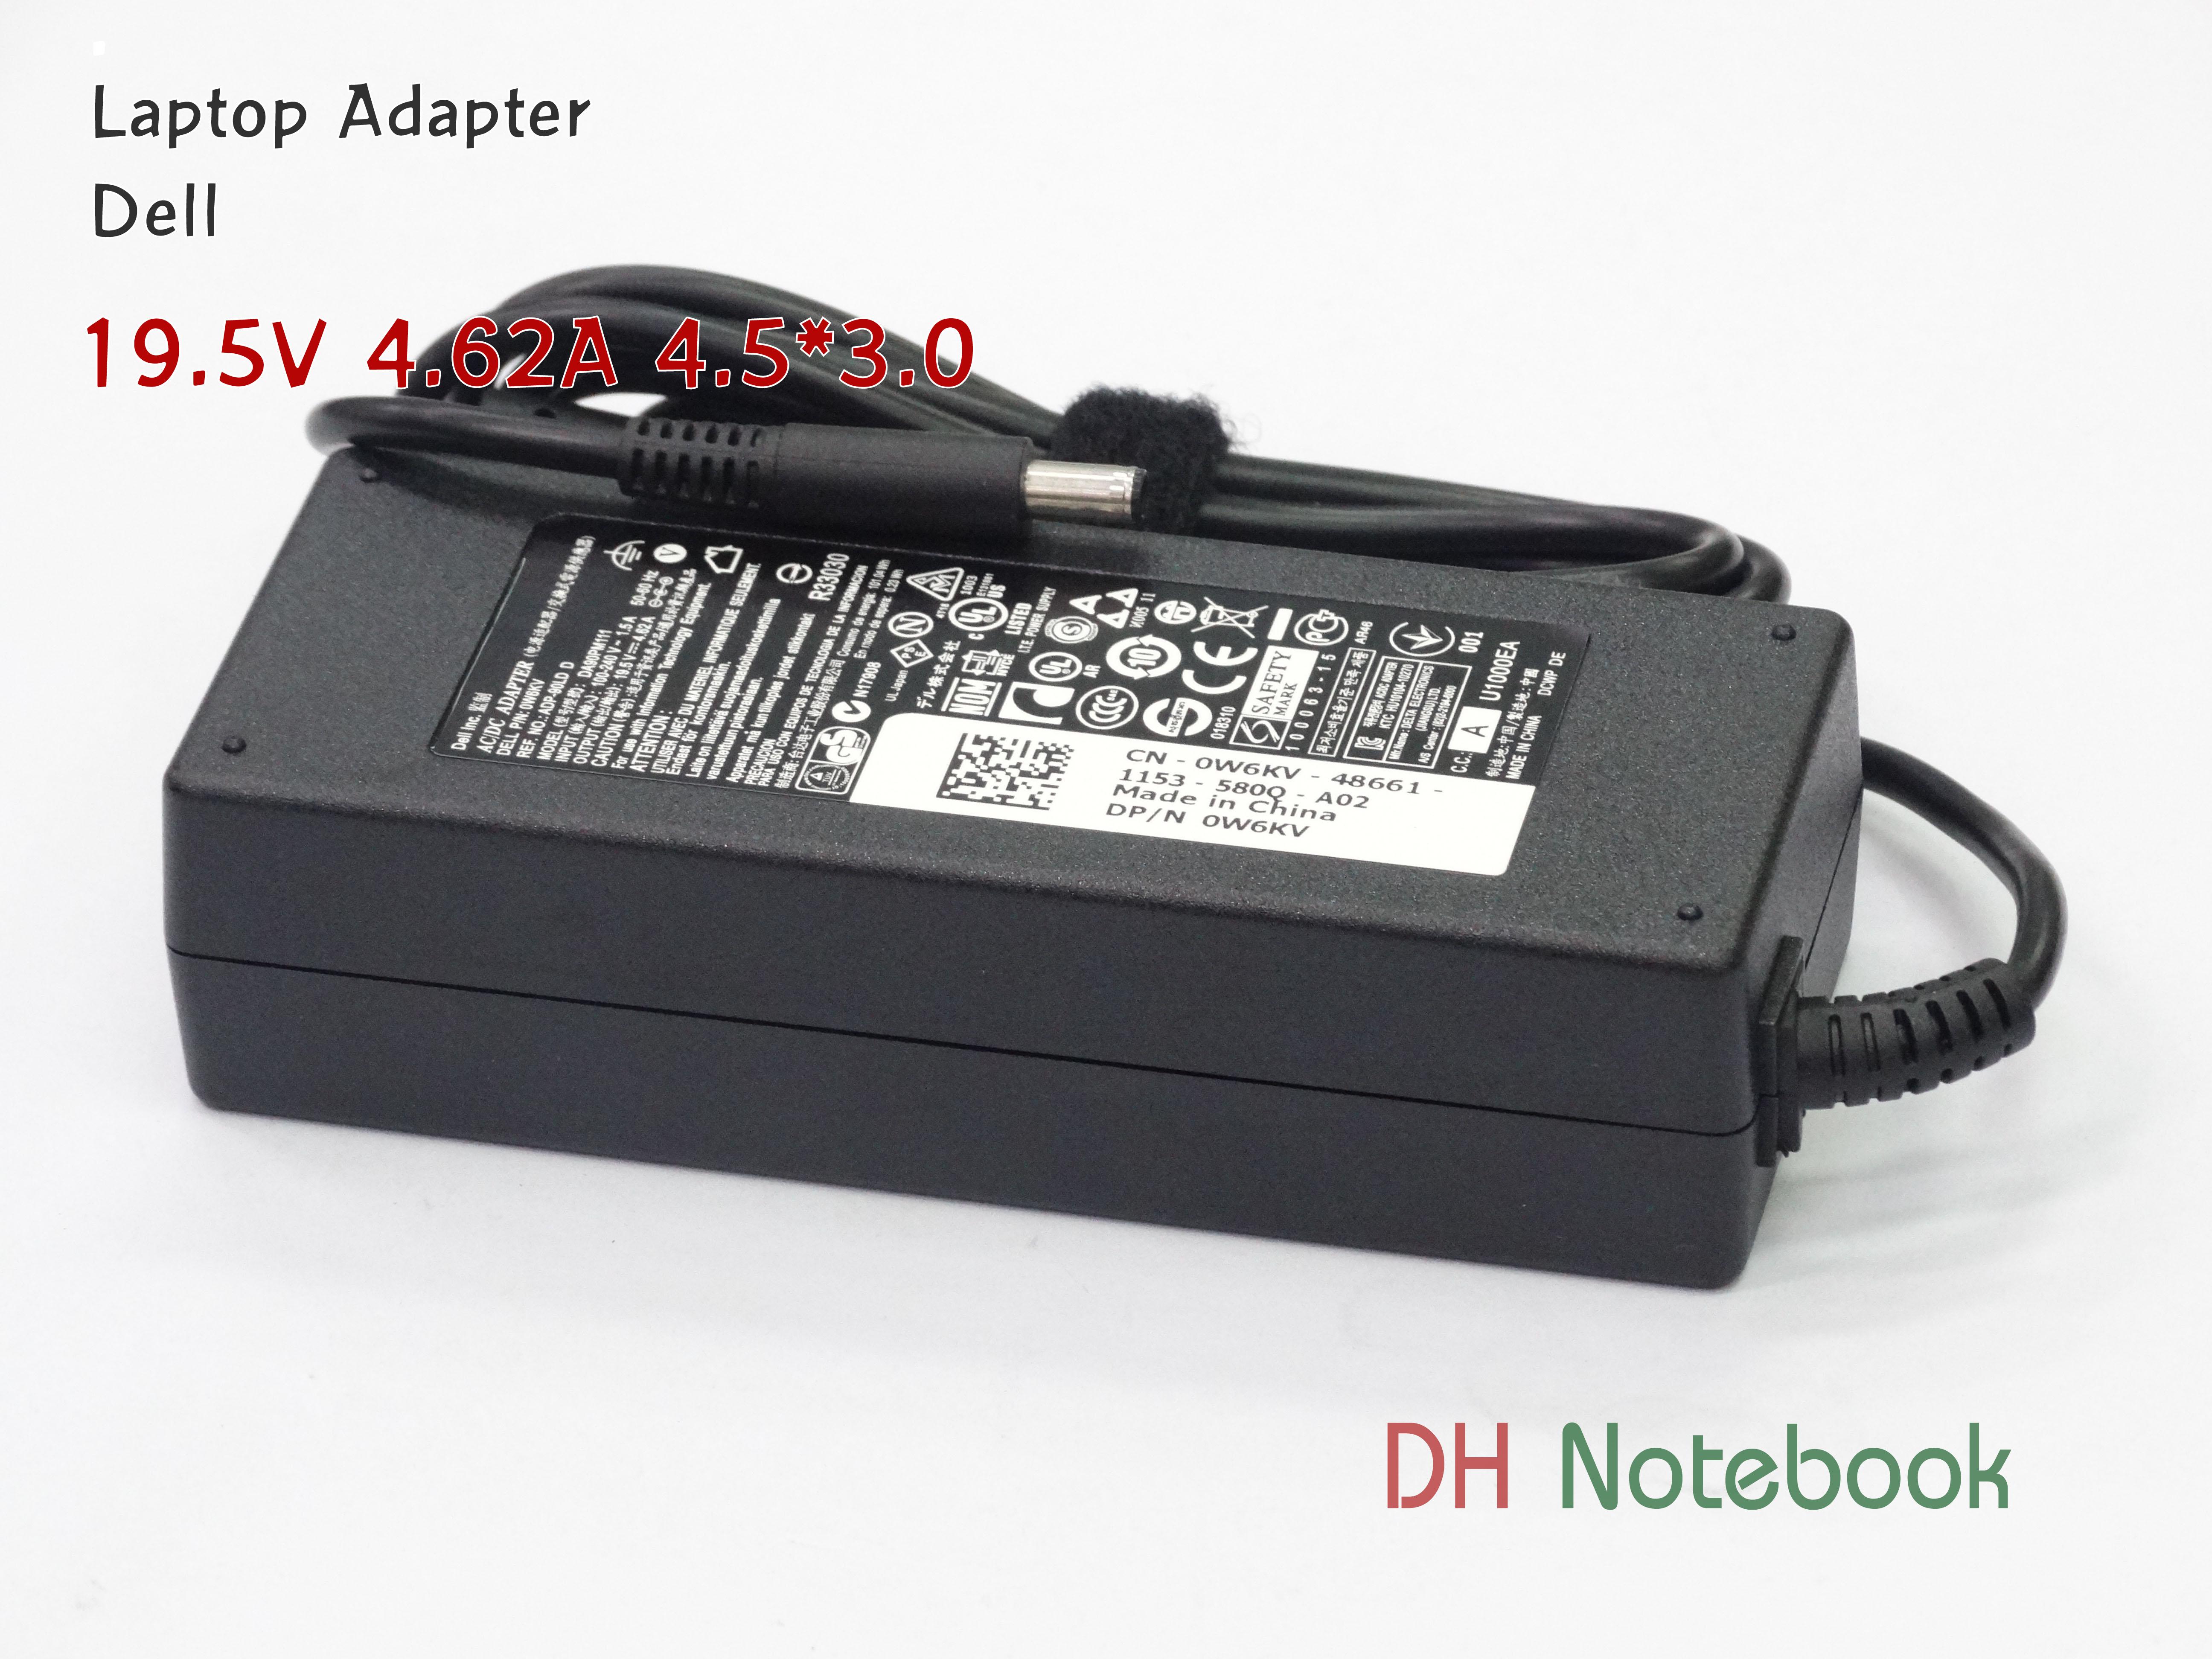 Adapter DELL 19.5V 4.62A (4.5*3.0) เเท้